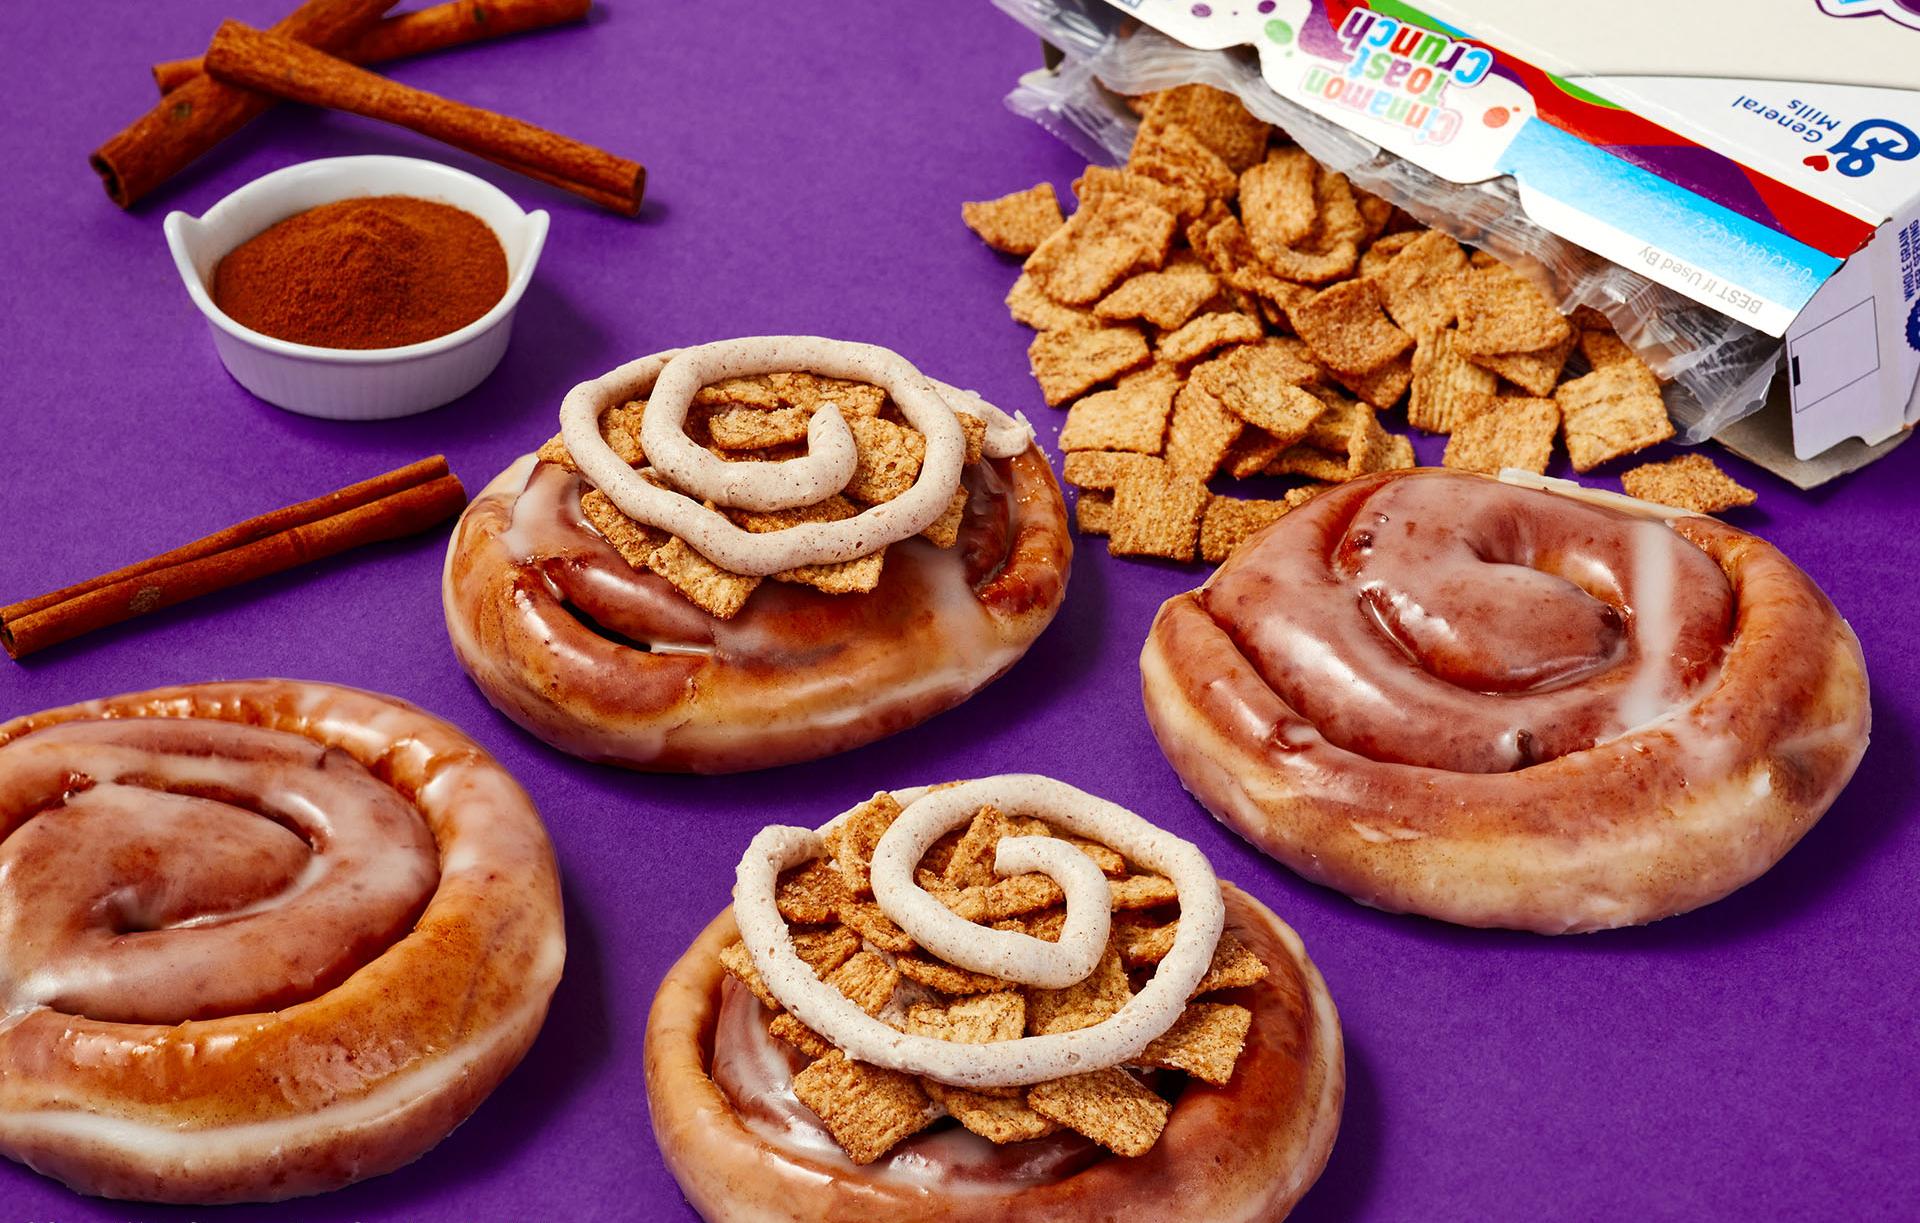 Krispy Kreme Cinnamon Rolls